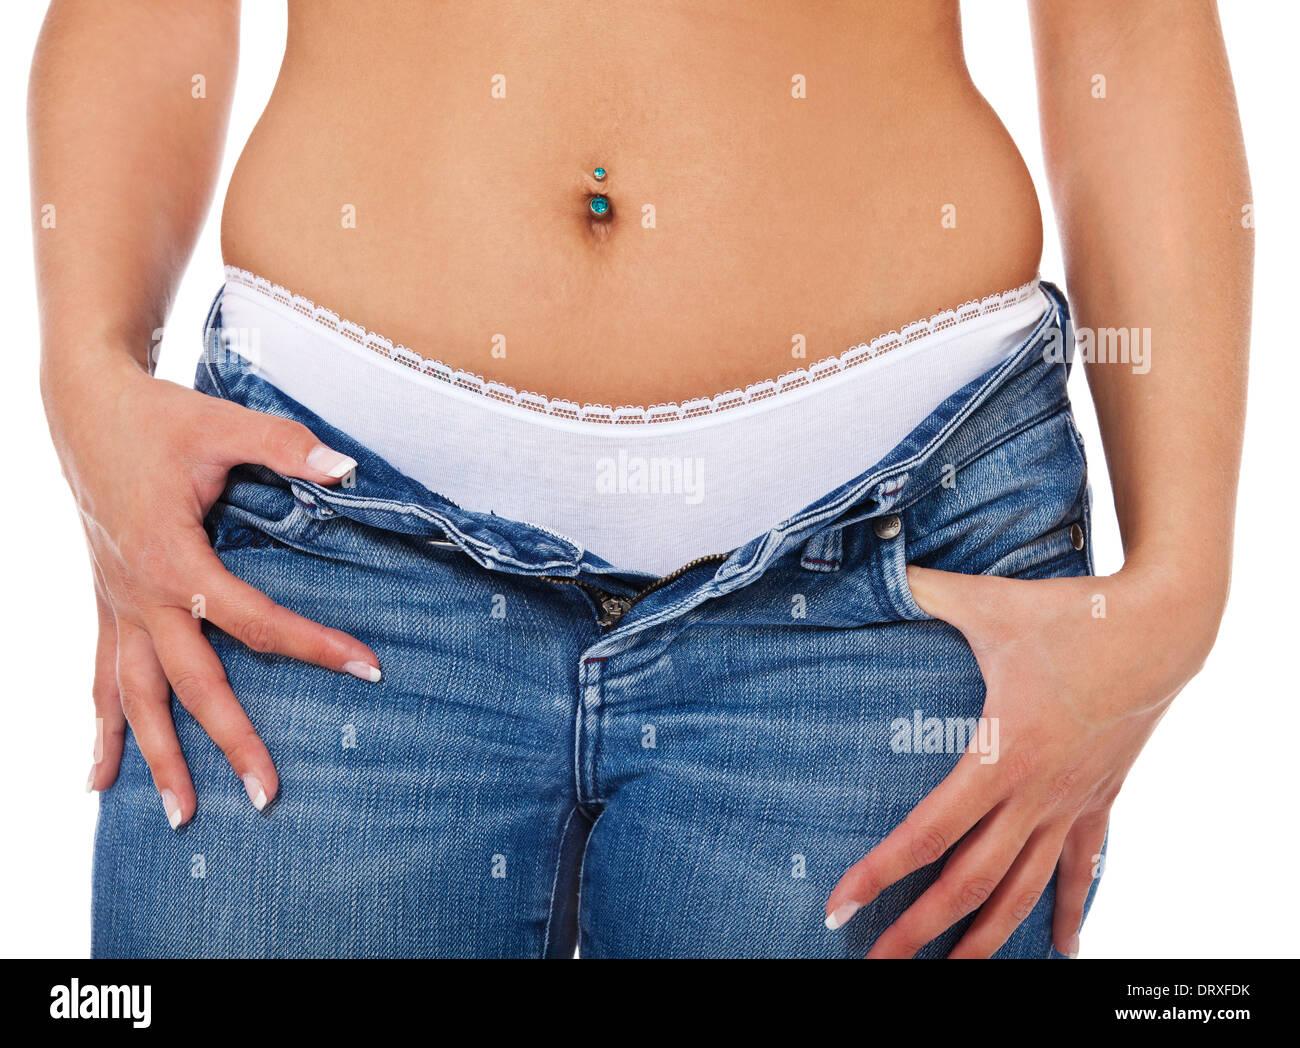 Atractiva mujer joven en bluejeans. Todo sobre fondo blanco. Imagen De Stock